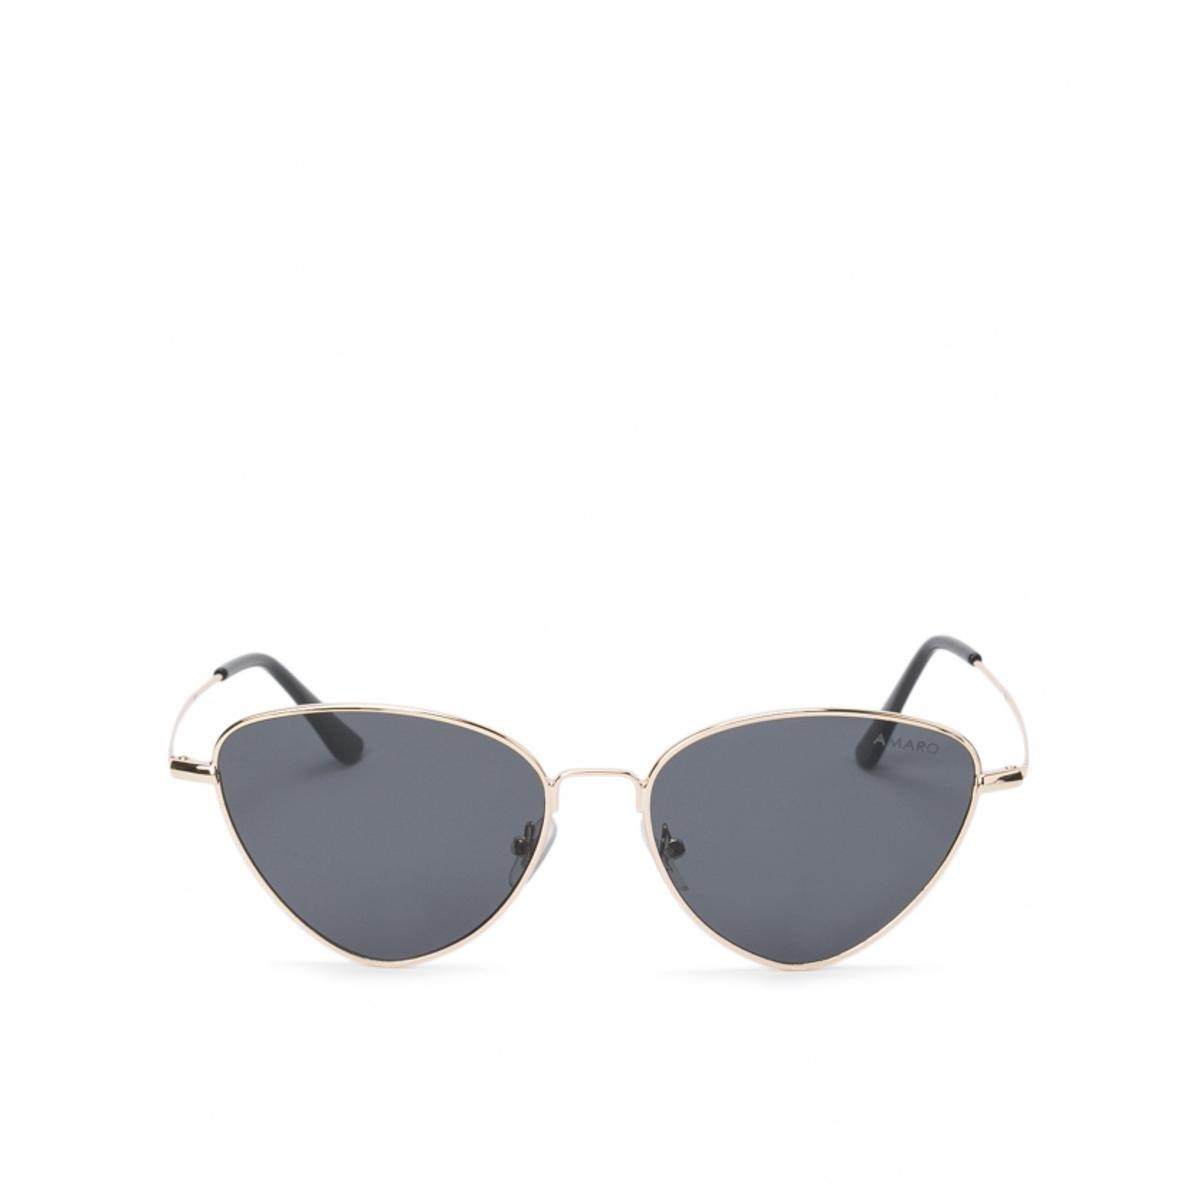 778a9a8927c6e Óculos Amaro De Sol Metal Gatinho Feminino - Preto - Compre Agora ...